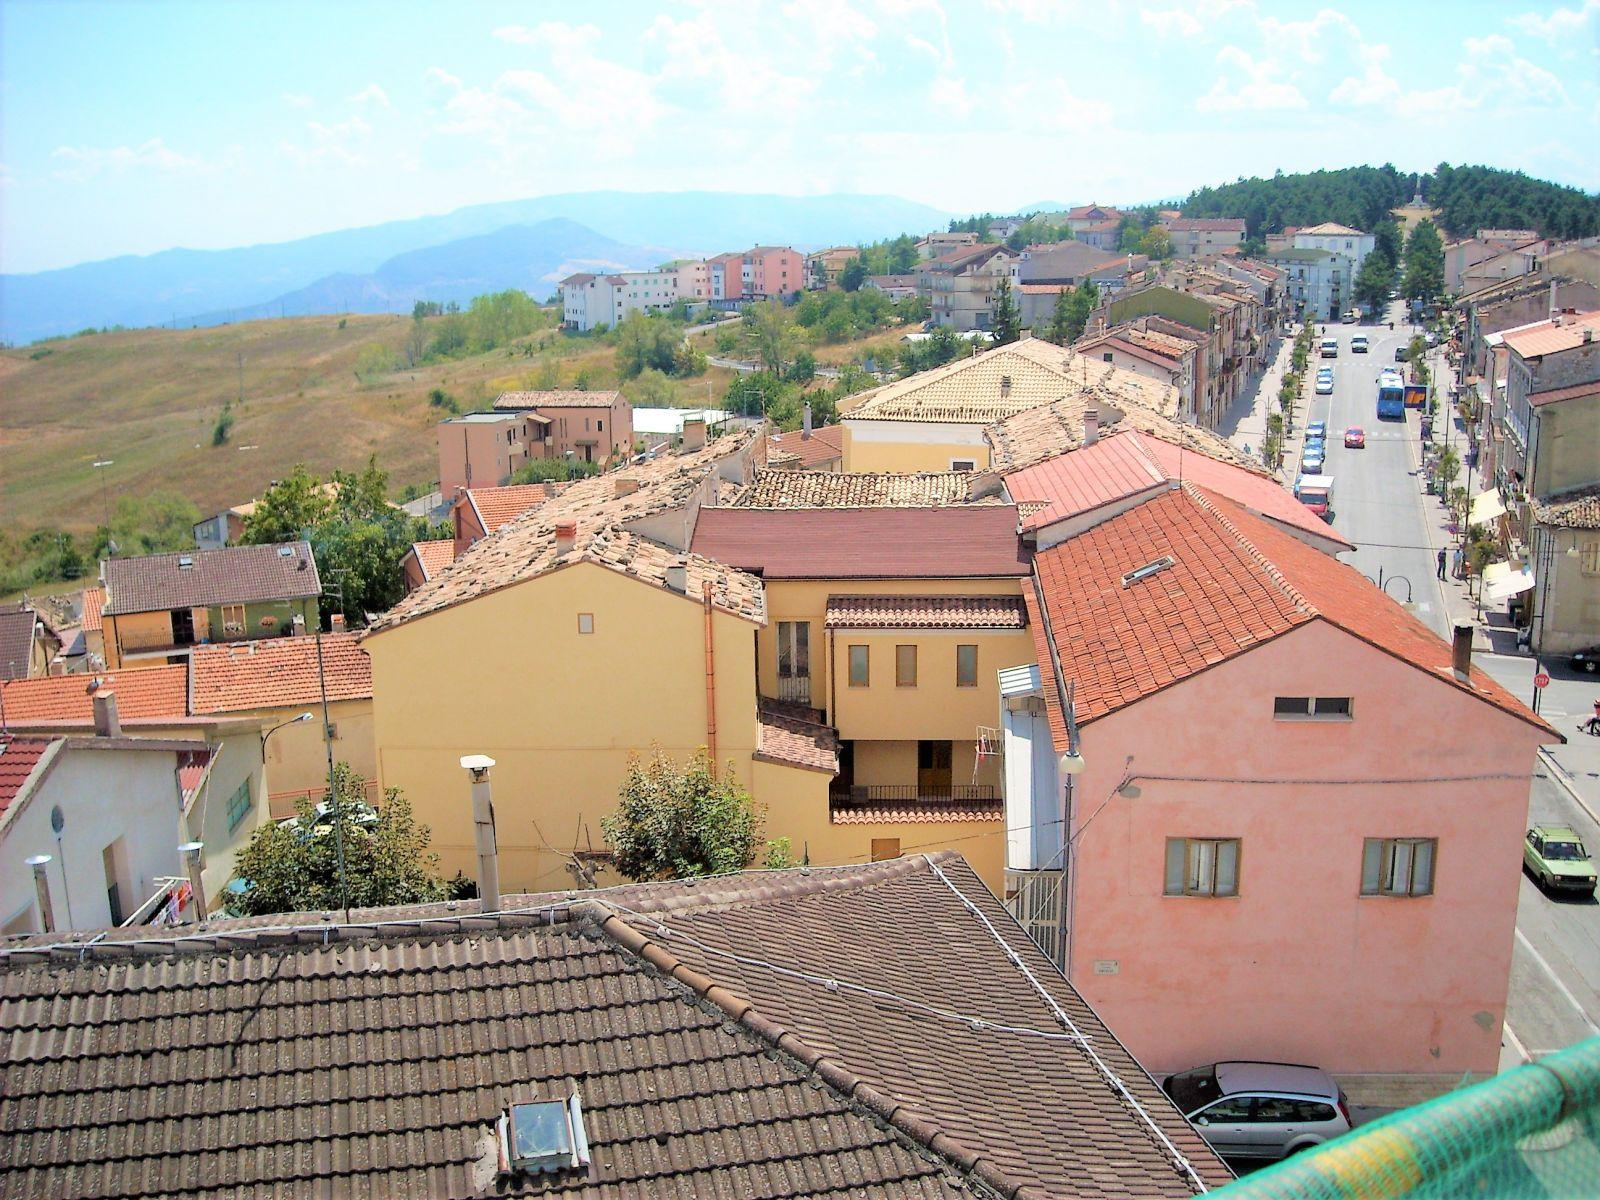 In vendita corso umberto i torricella peligna ch cod topre 823371 immobiliare bucciarelli - Piastrelle cotto veneto vendita ...